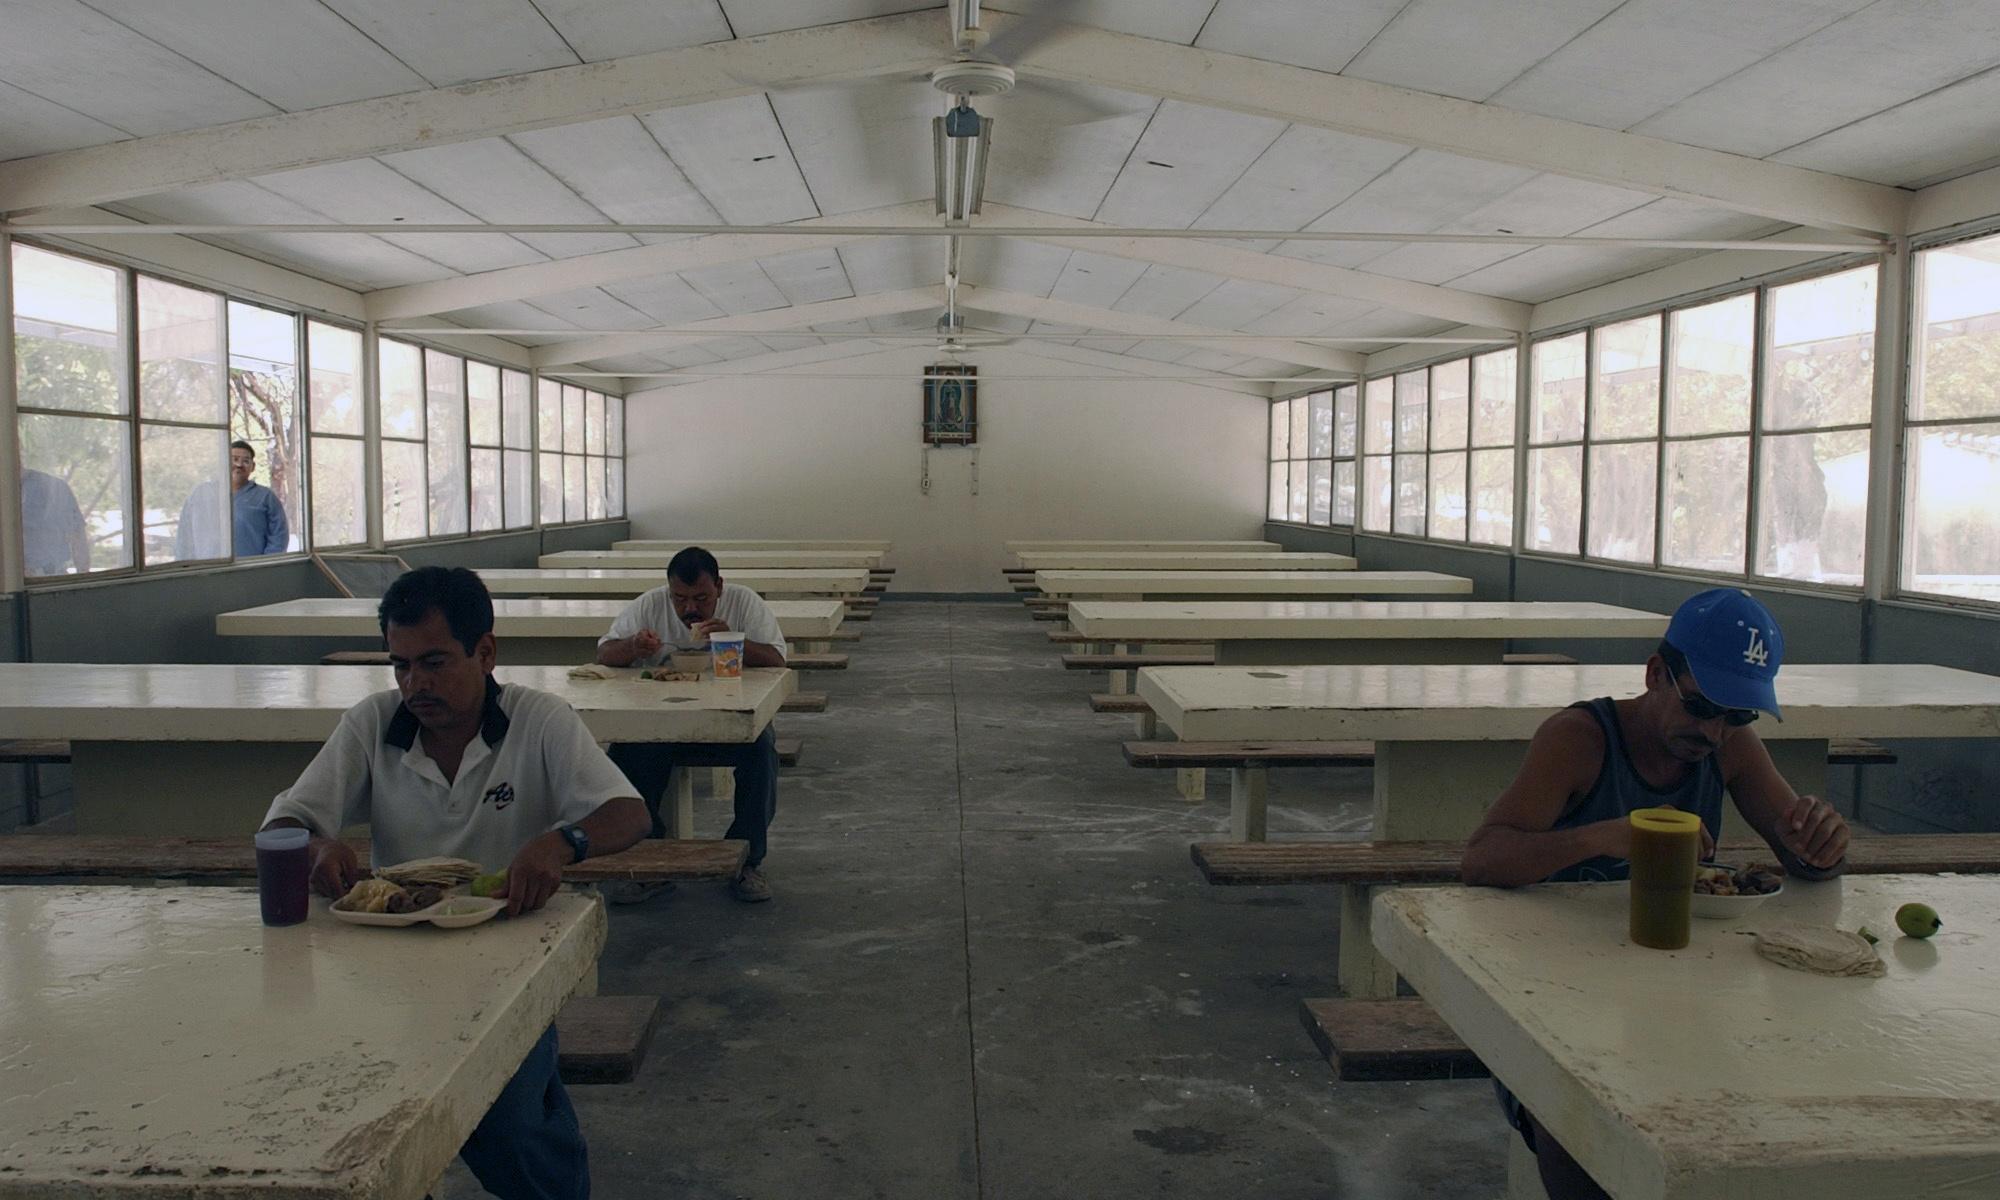 'Mexico's Alcatraz' prison to be turned into a cultural centre